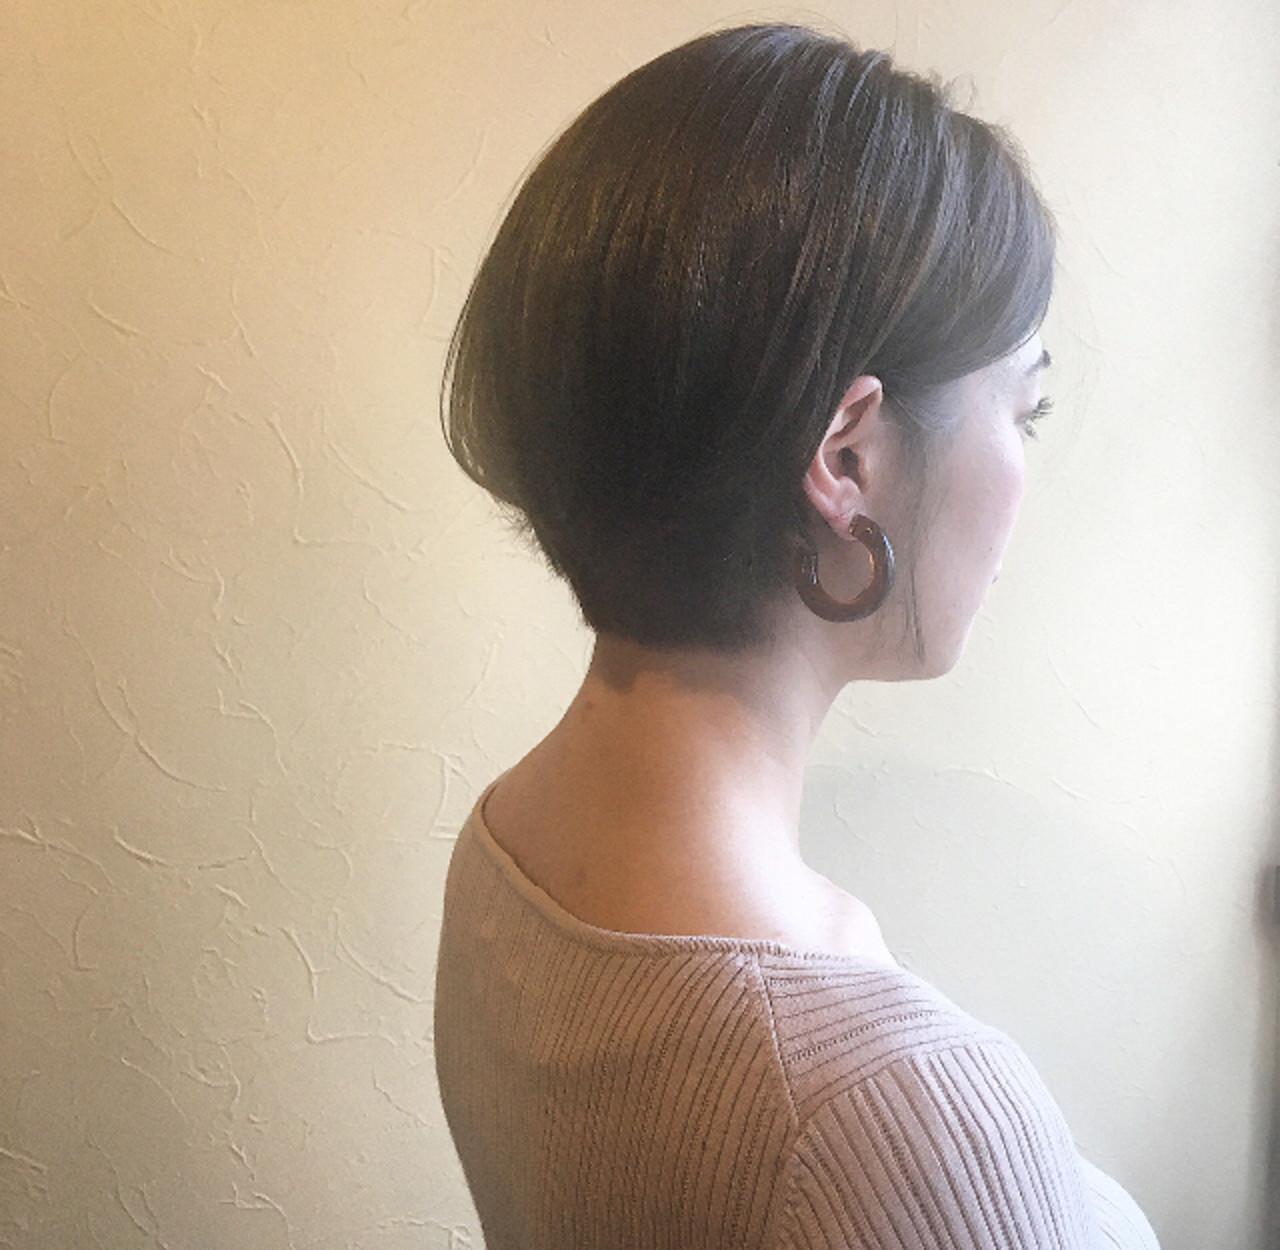 ショートヘア 大人かわいい ワンカールスタイリング フェミニン ヘアスタイルや髪型の写真・画像